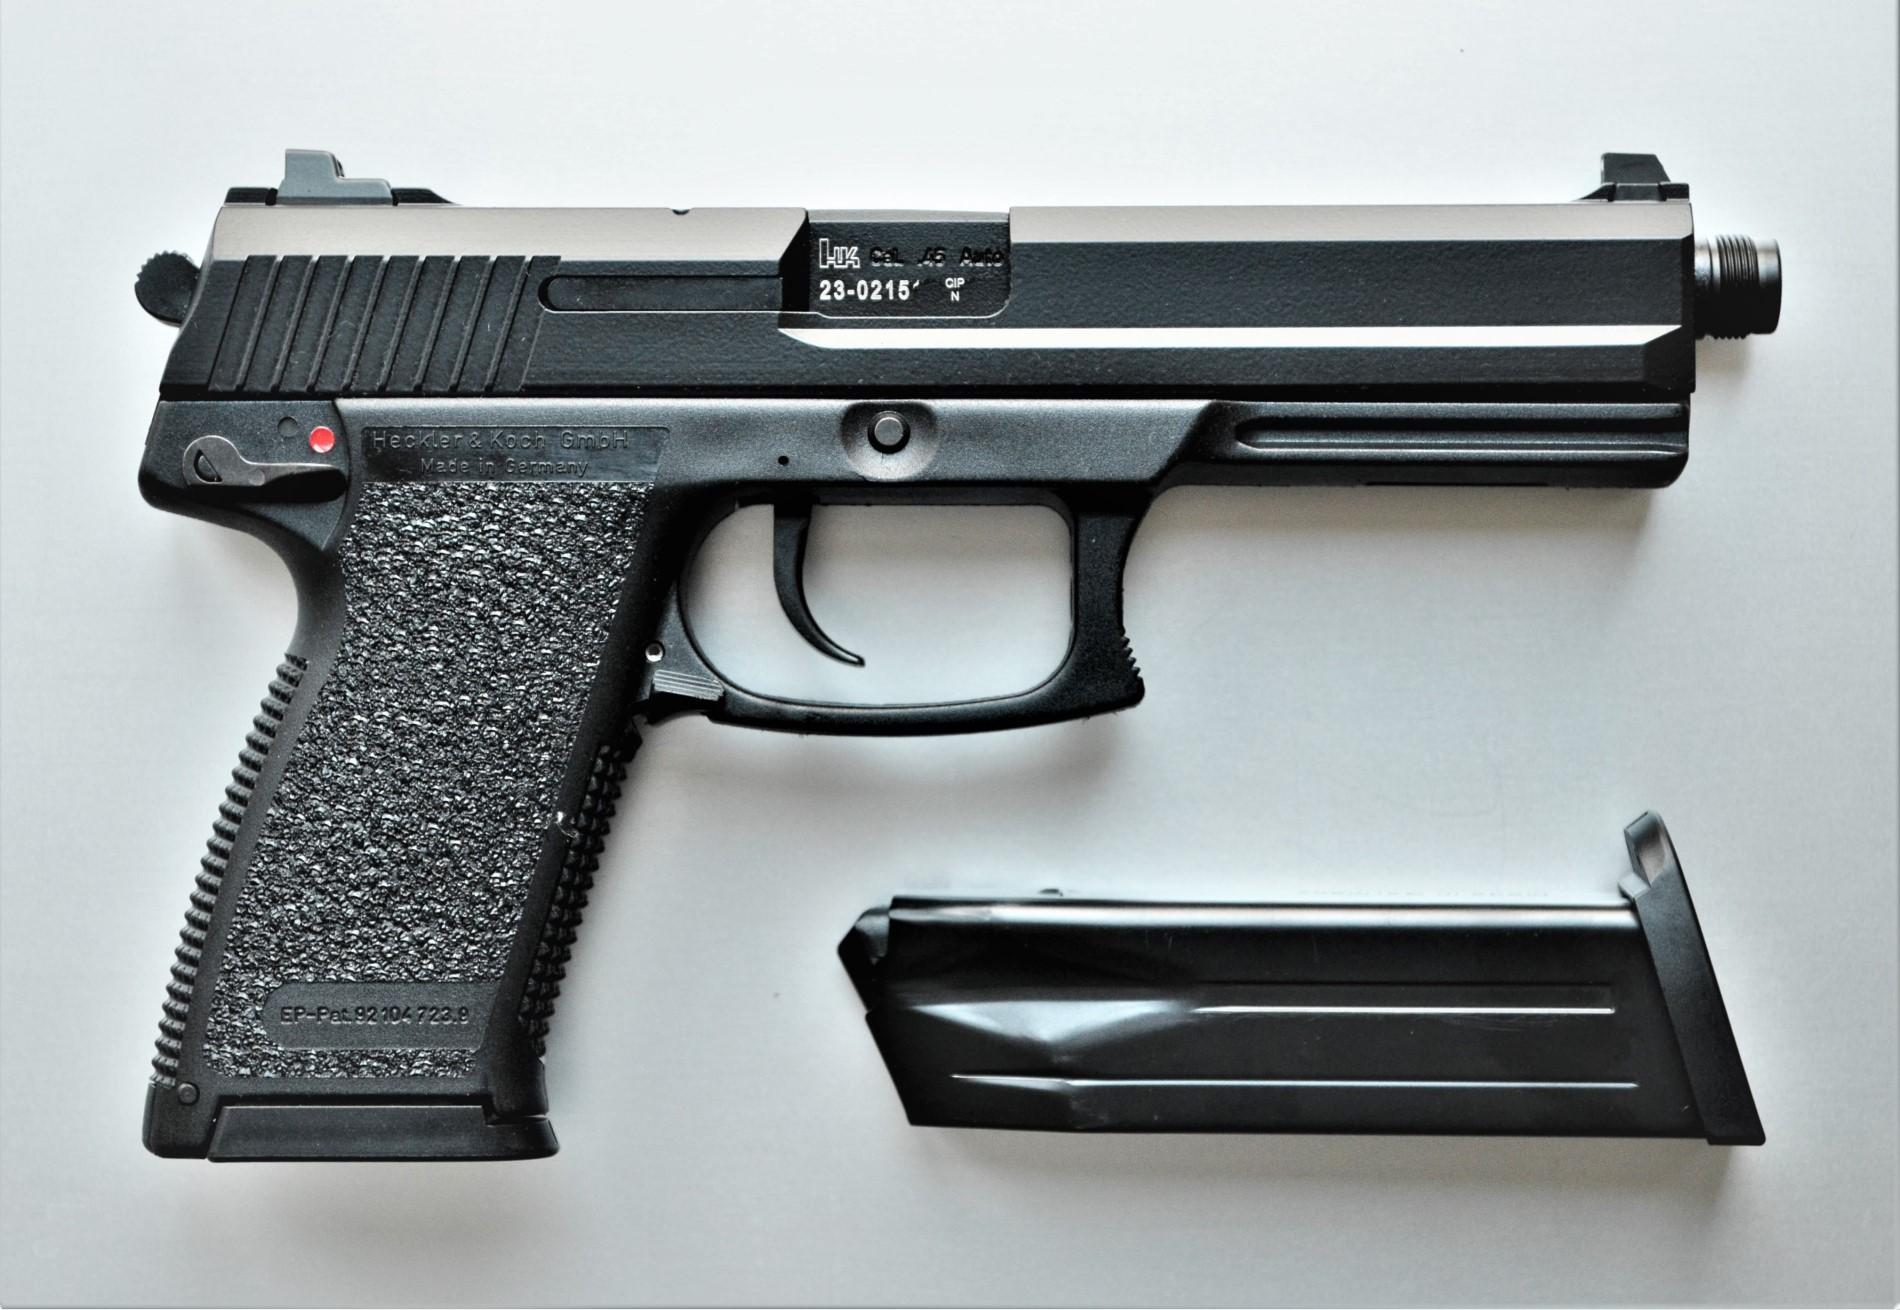 HK Mark 23 Mod 0 SOCOM .45 Auto - halbautomatische Pistole rechts